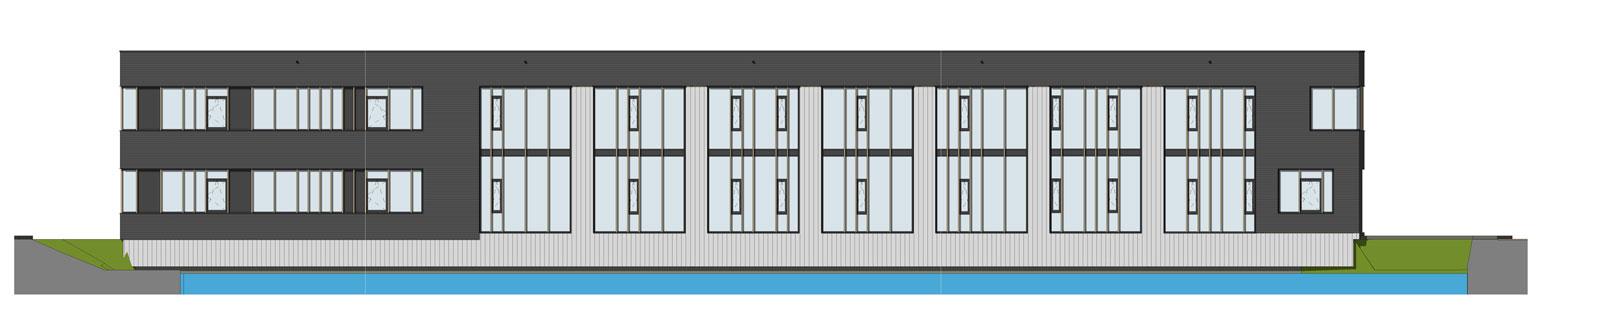 Houten Kantoor_Gevel1_m-architects